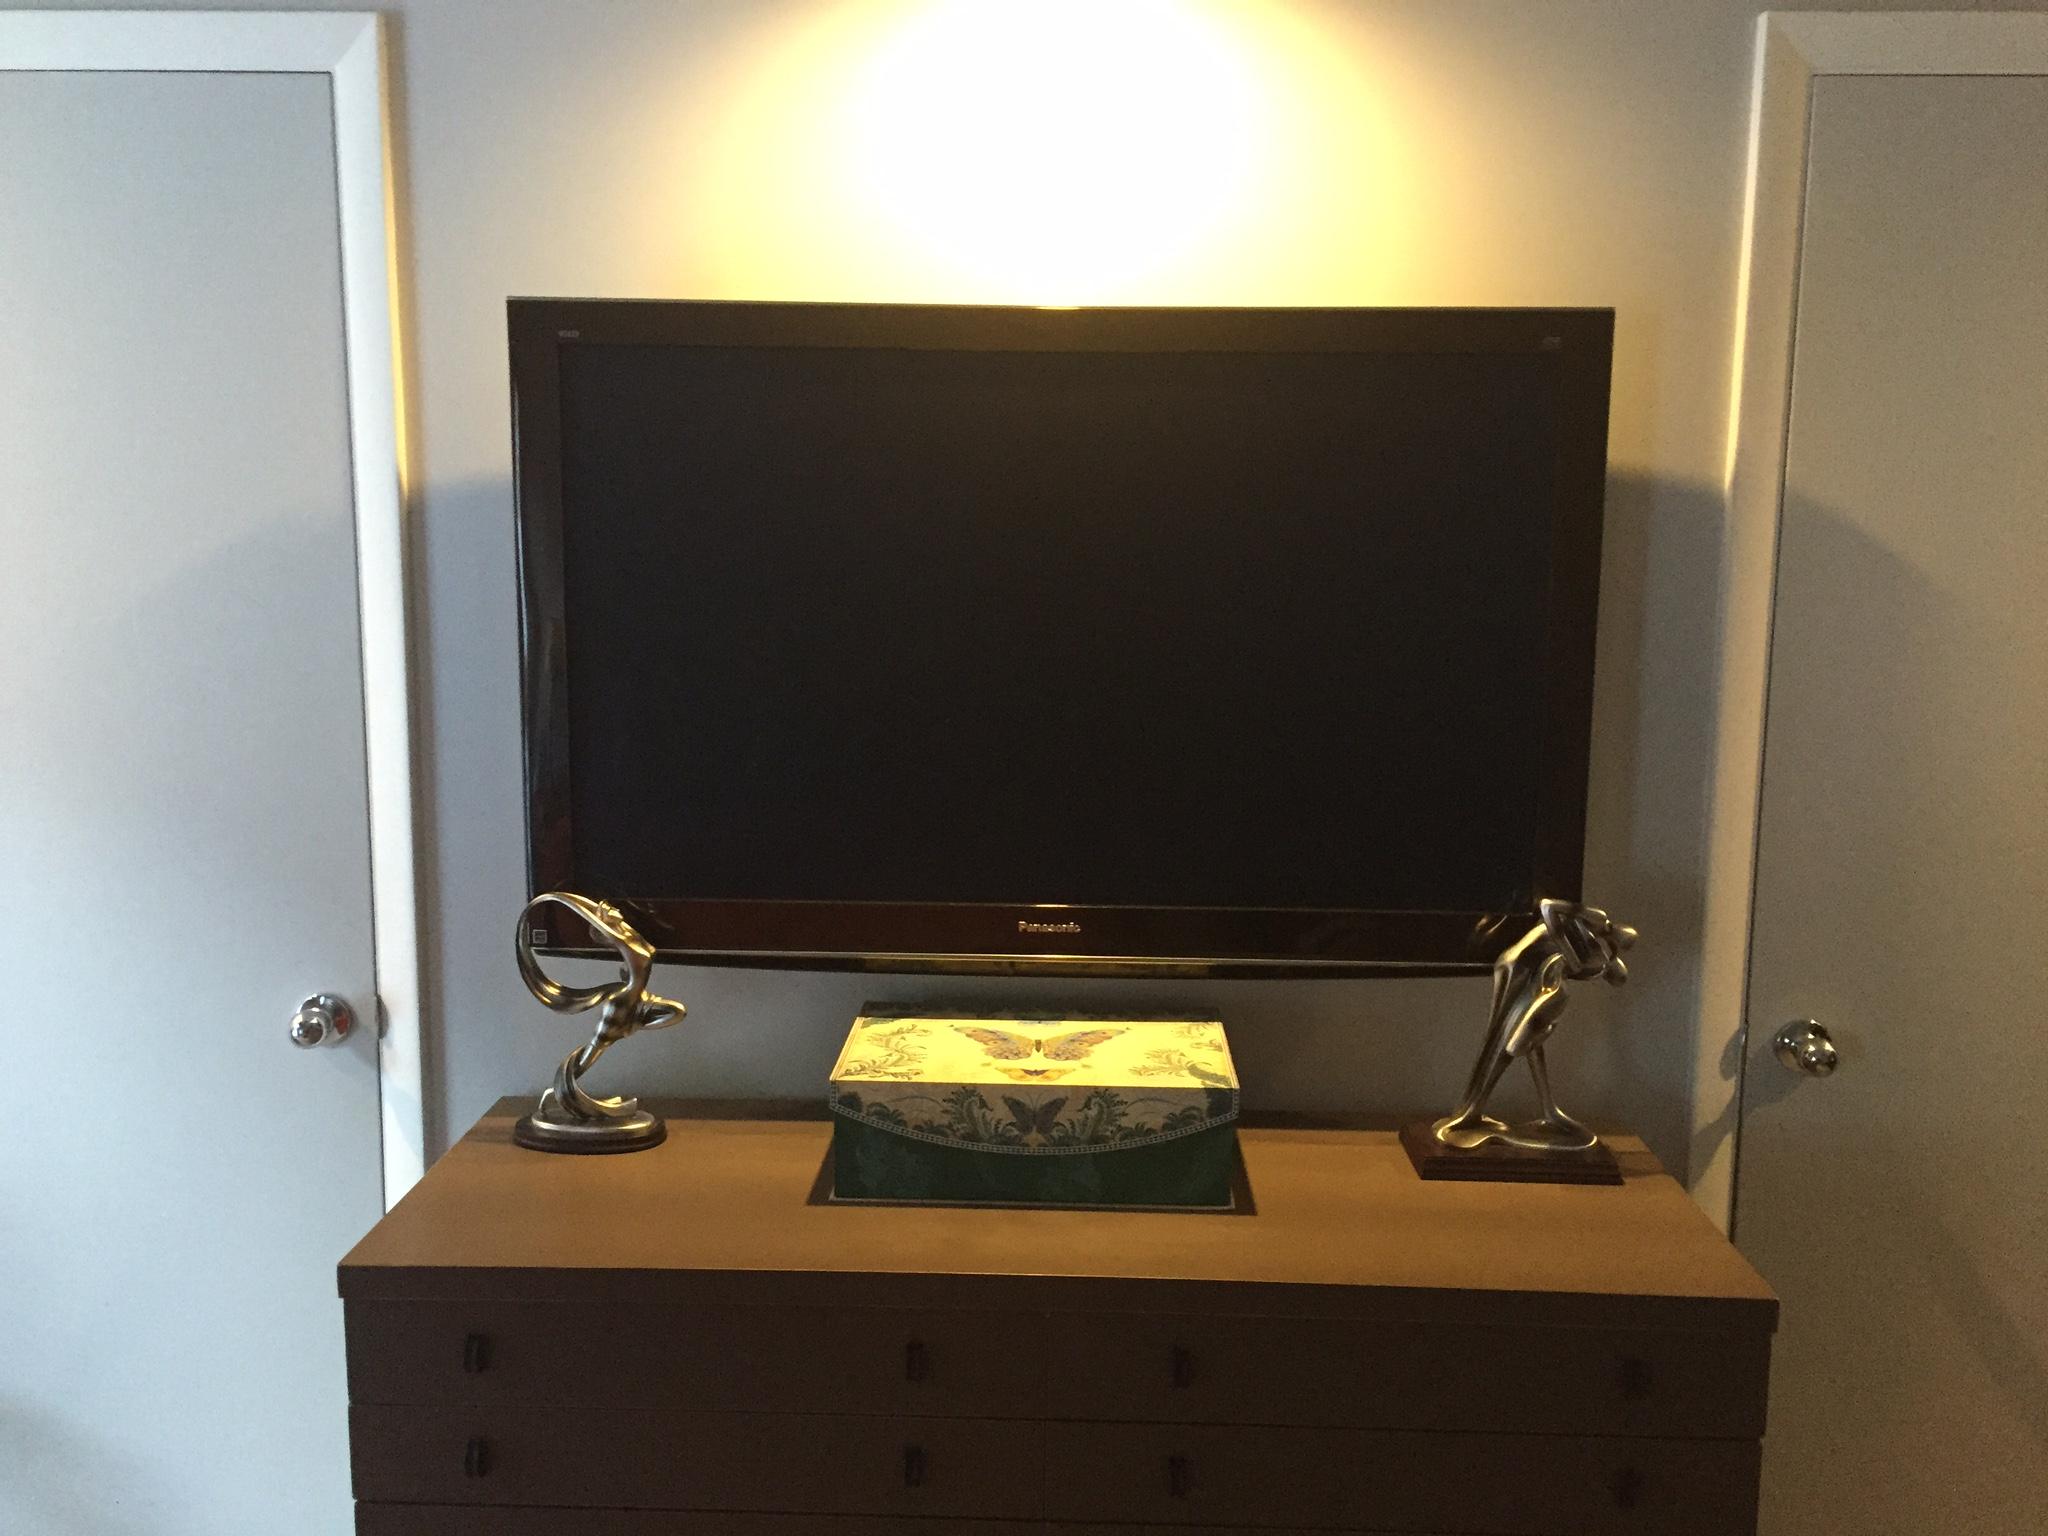 Swivel TV mount in bedroom above dresser -